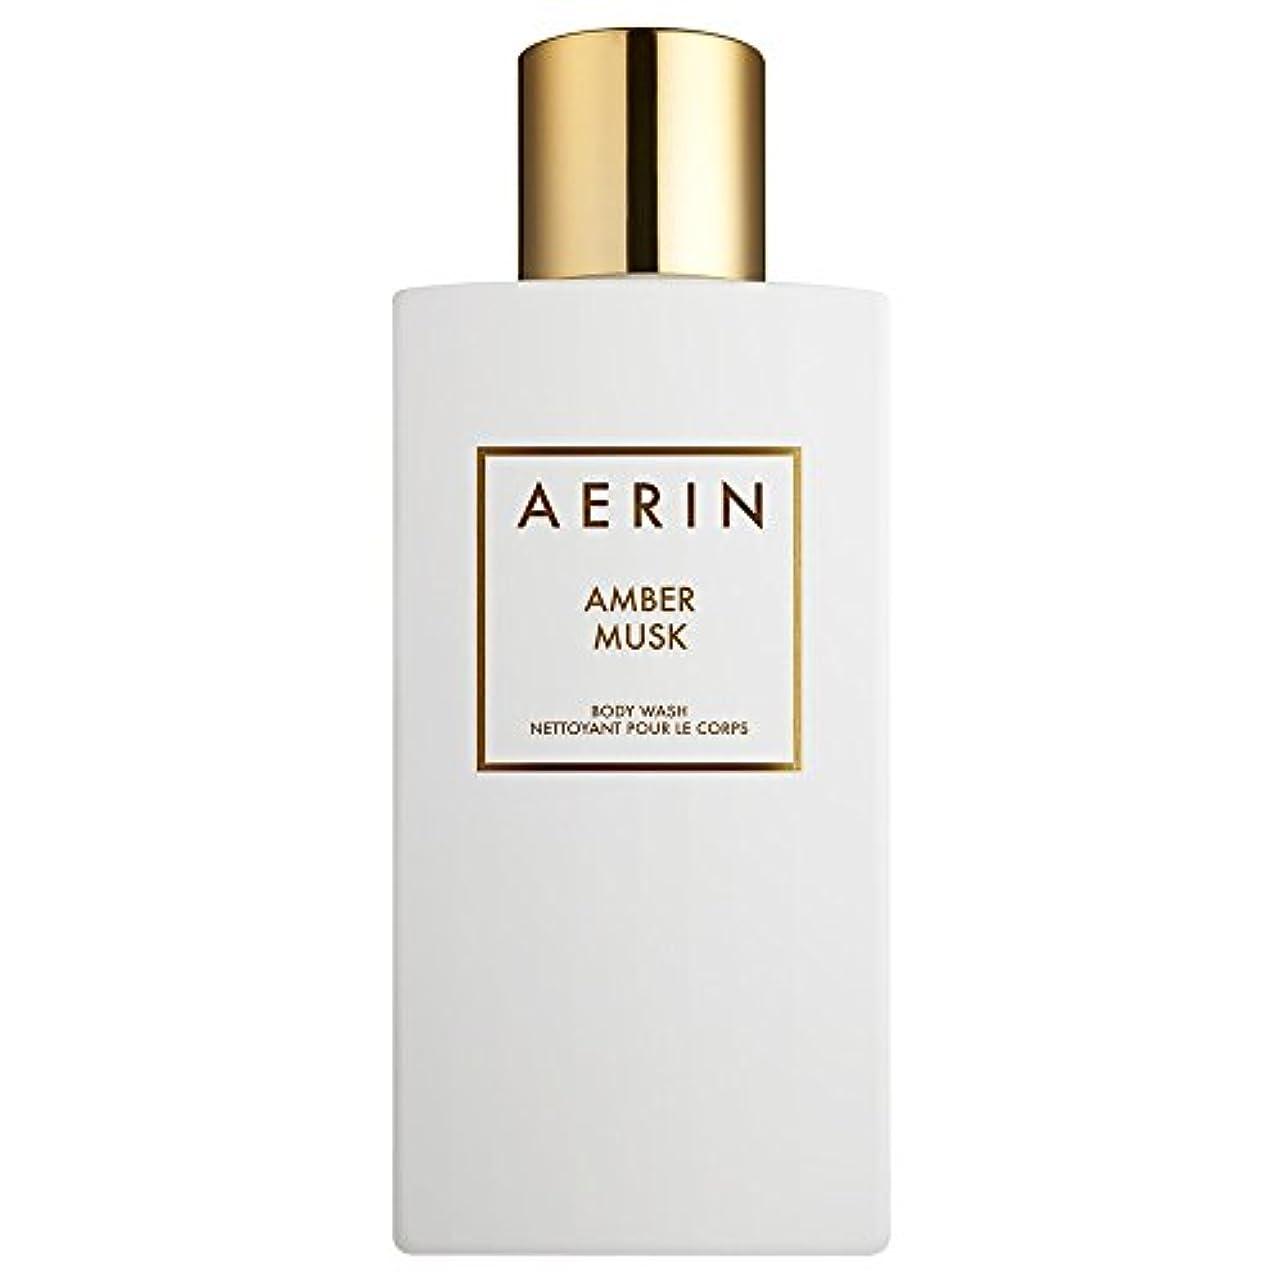 腸ソーシャルヘッドレスAerinアンバームスクボディウォッシュ225ミリリットル (AERIN) (x2) - AERIN Amber Musk Bodywash 225ml (Pack of 2) [並行輸入品]